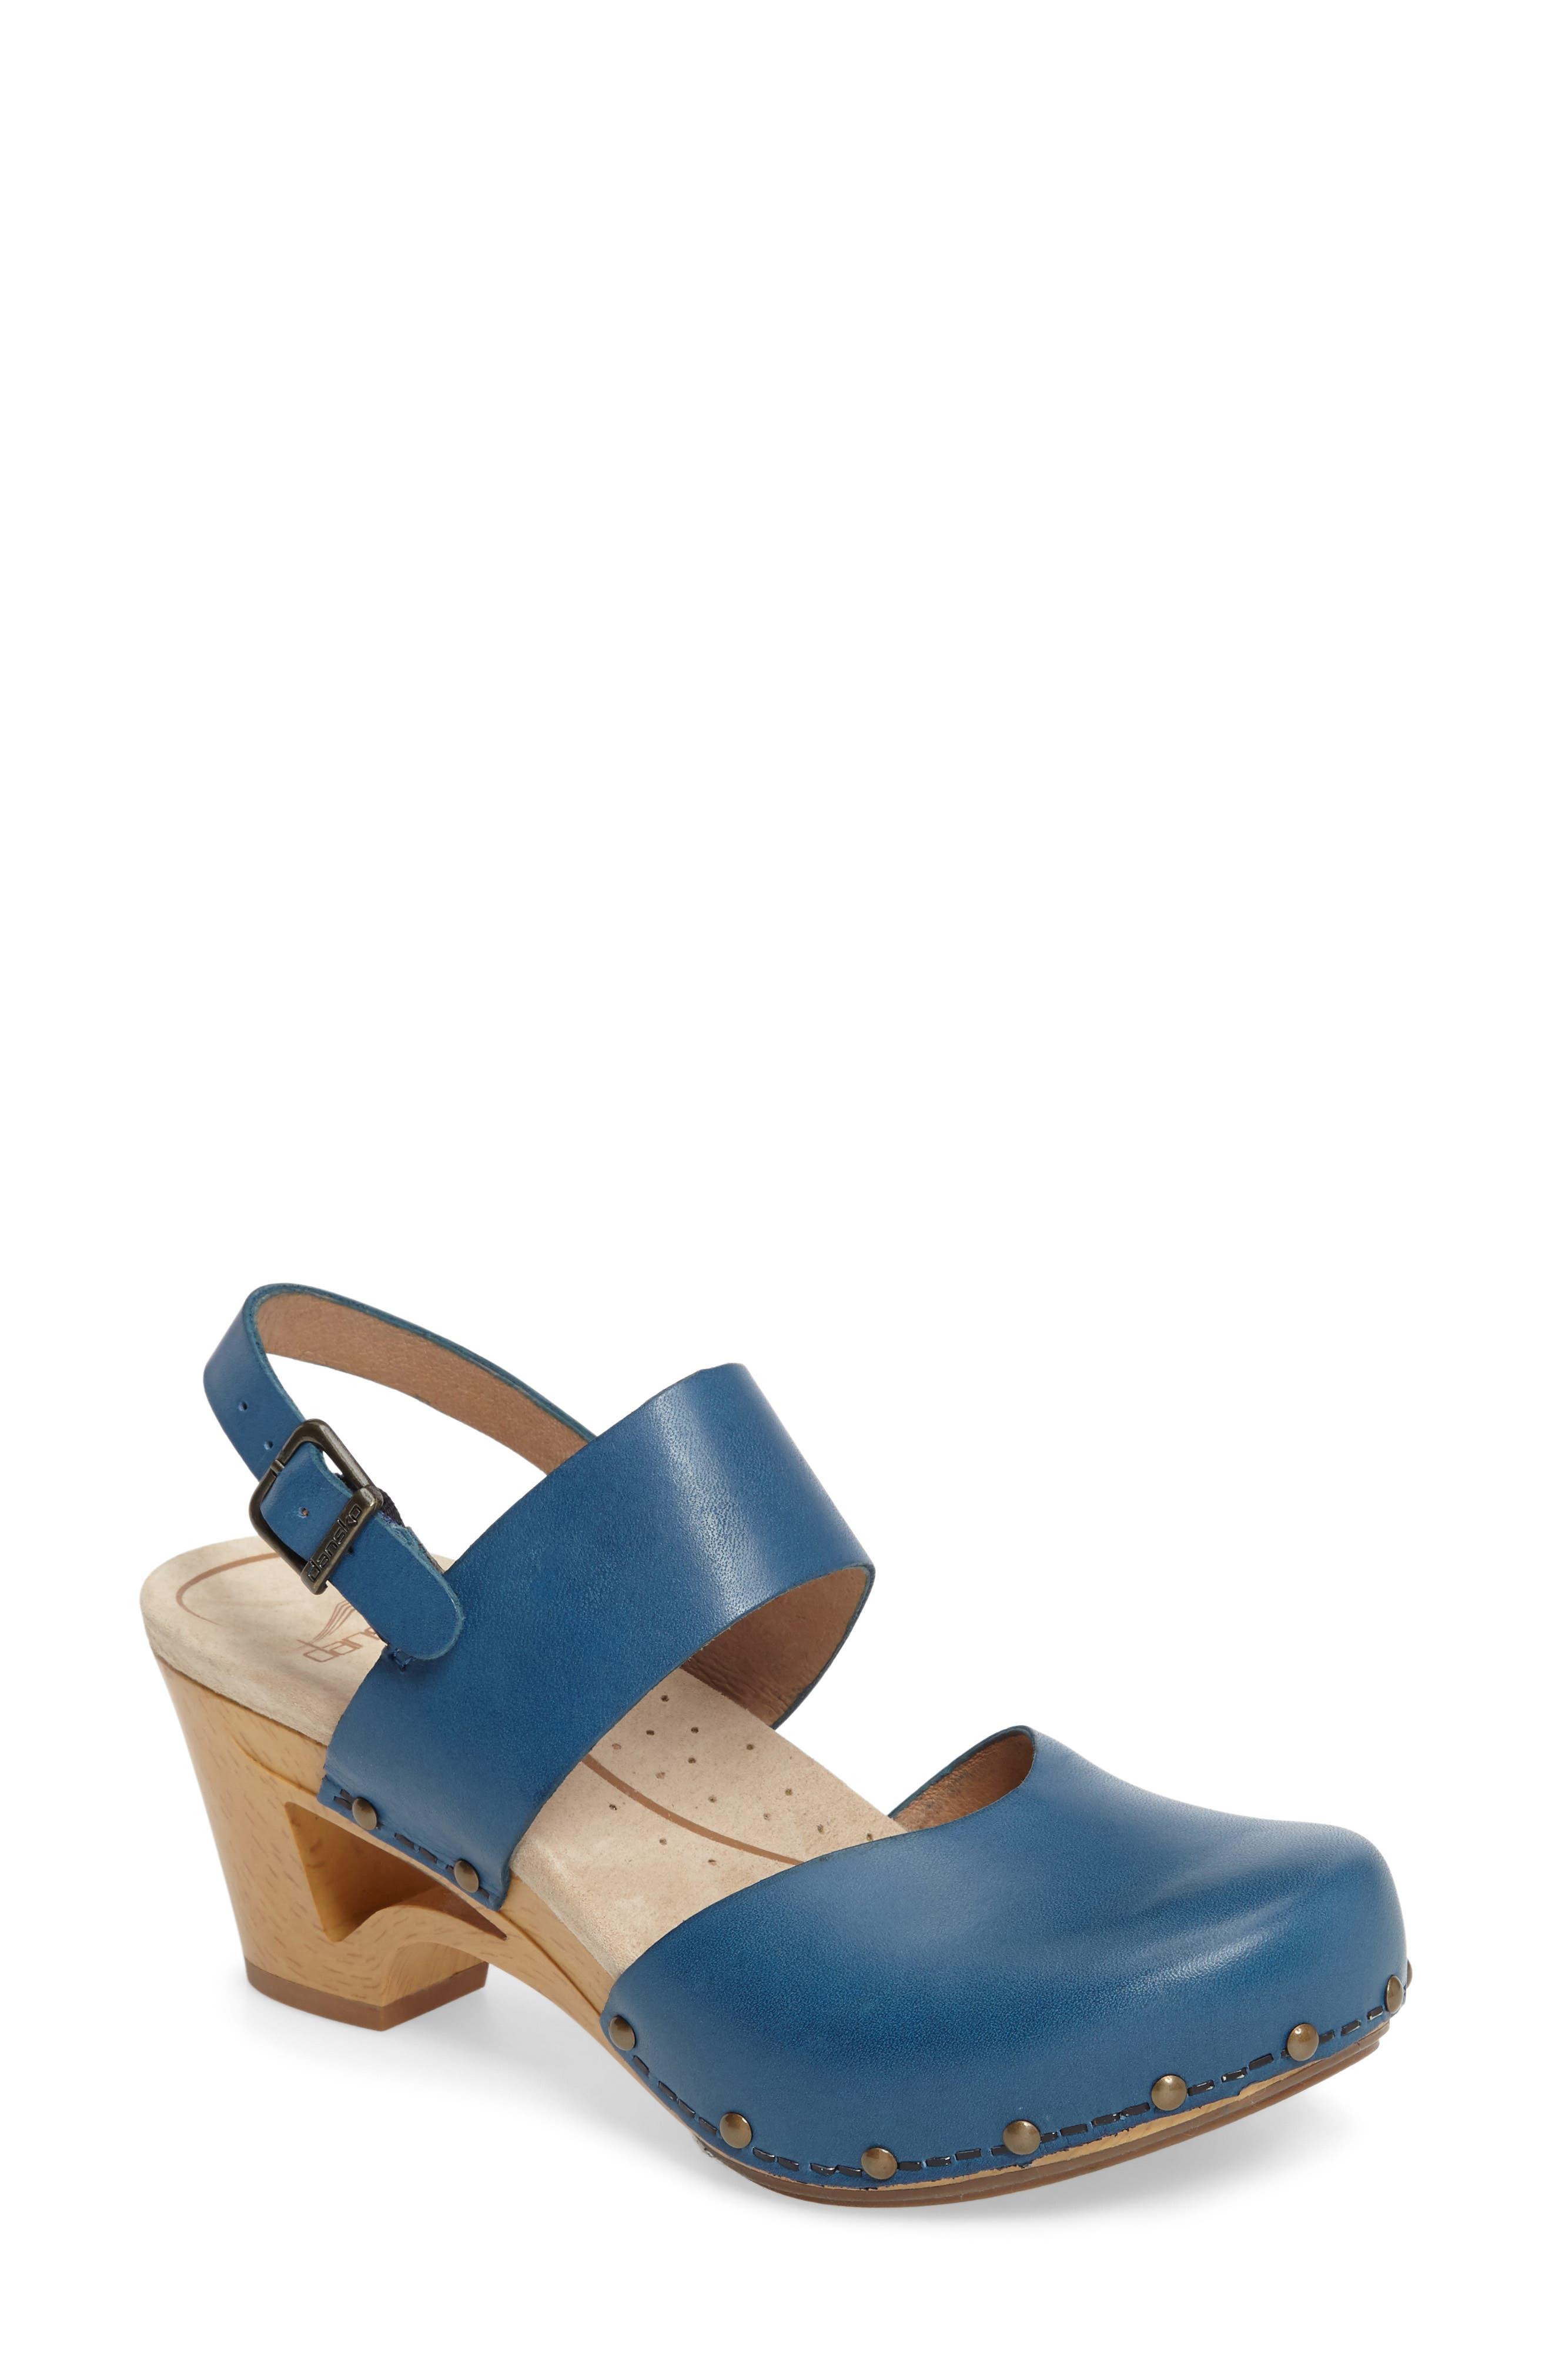 Alternate Image 1 Selected - Dansko 'Thea' Sandal